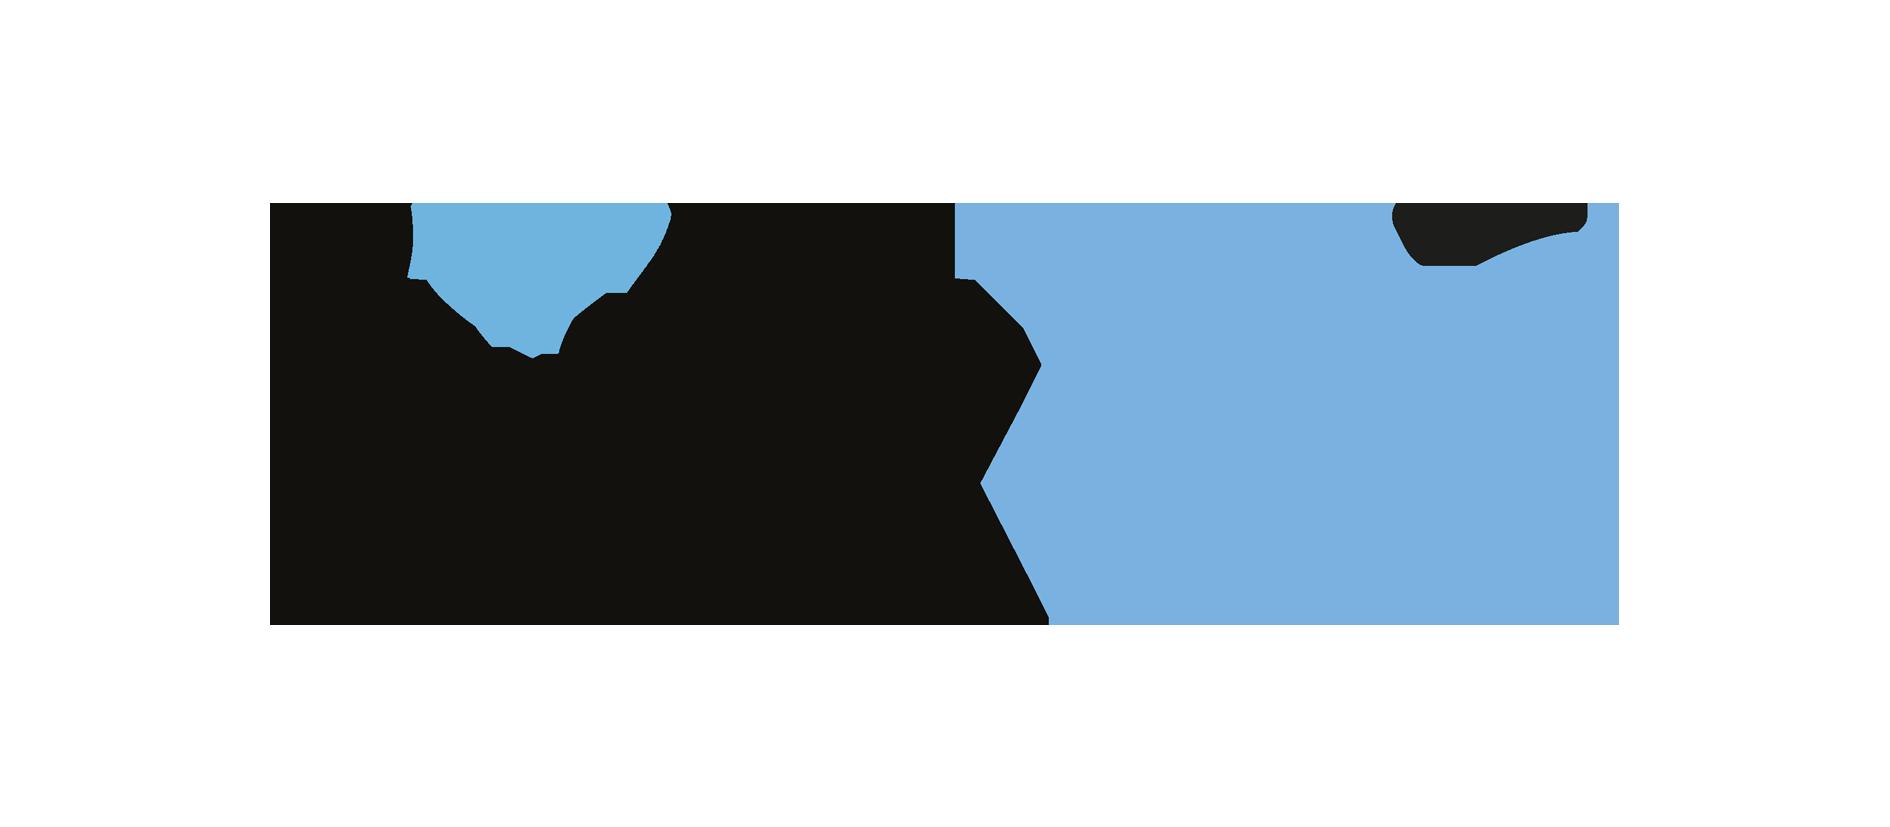 Kinklab